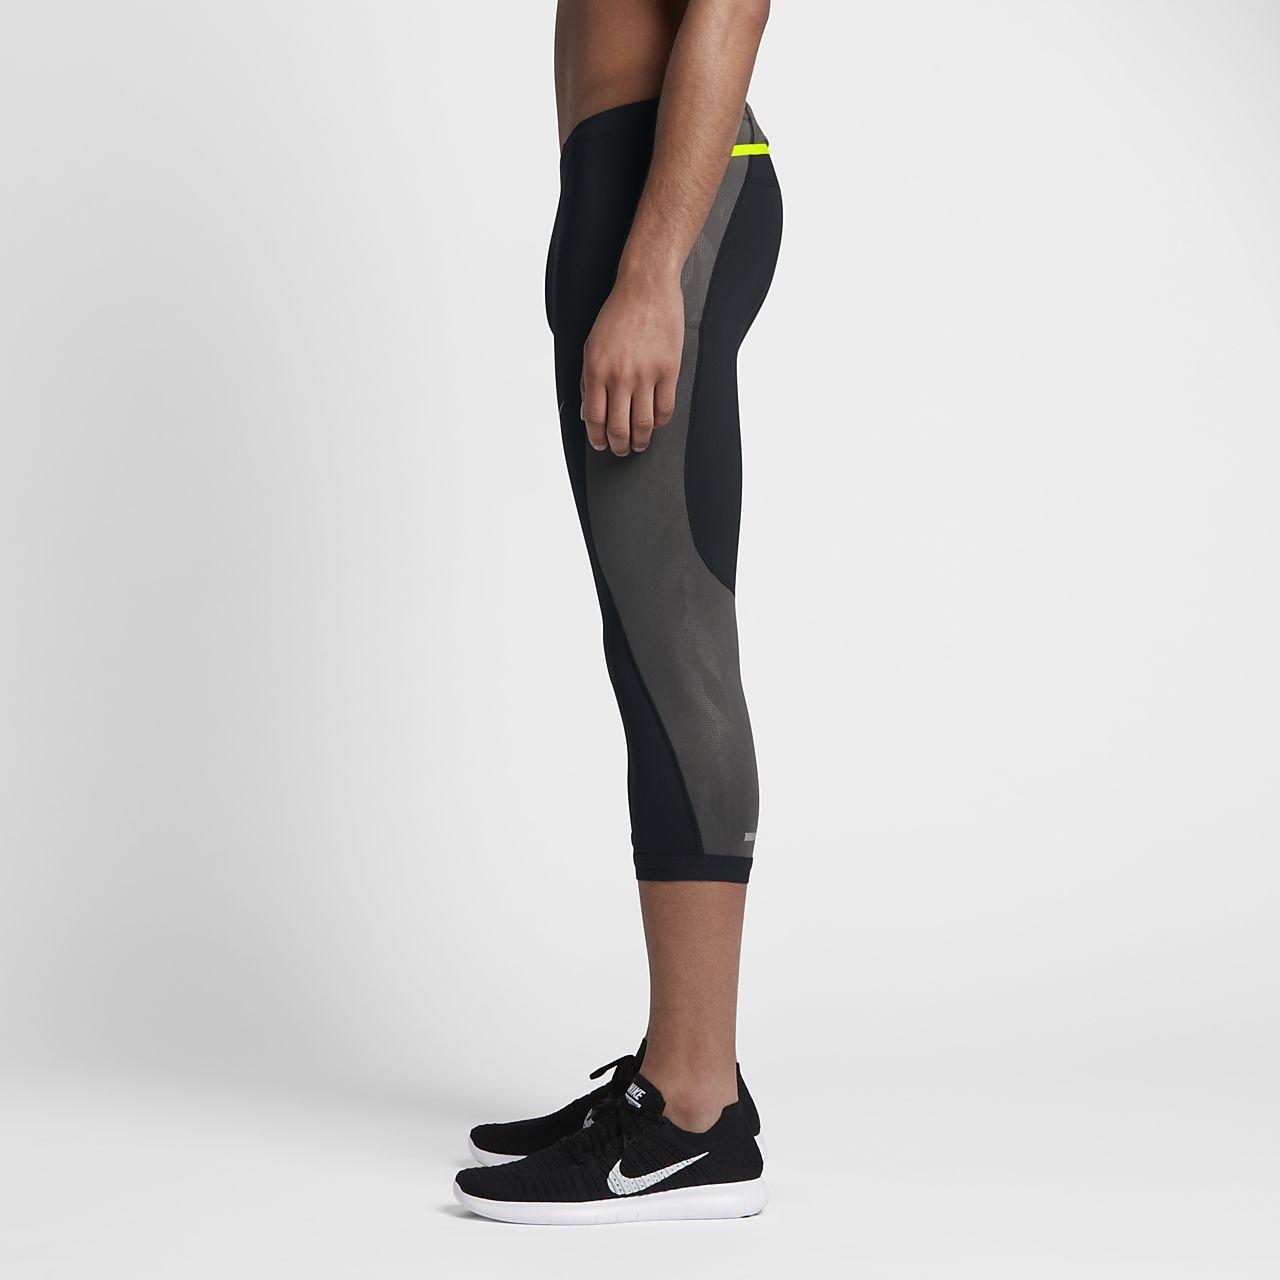 Nike running 3/4